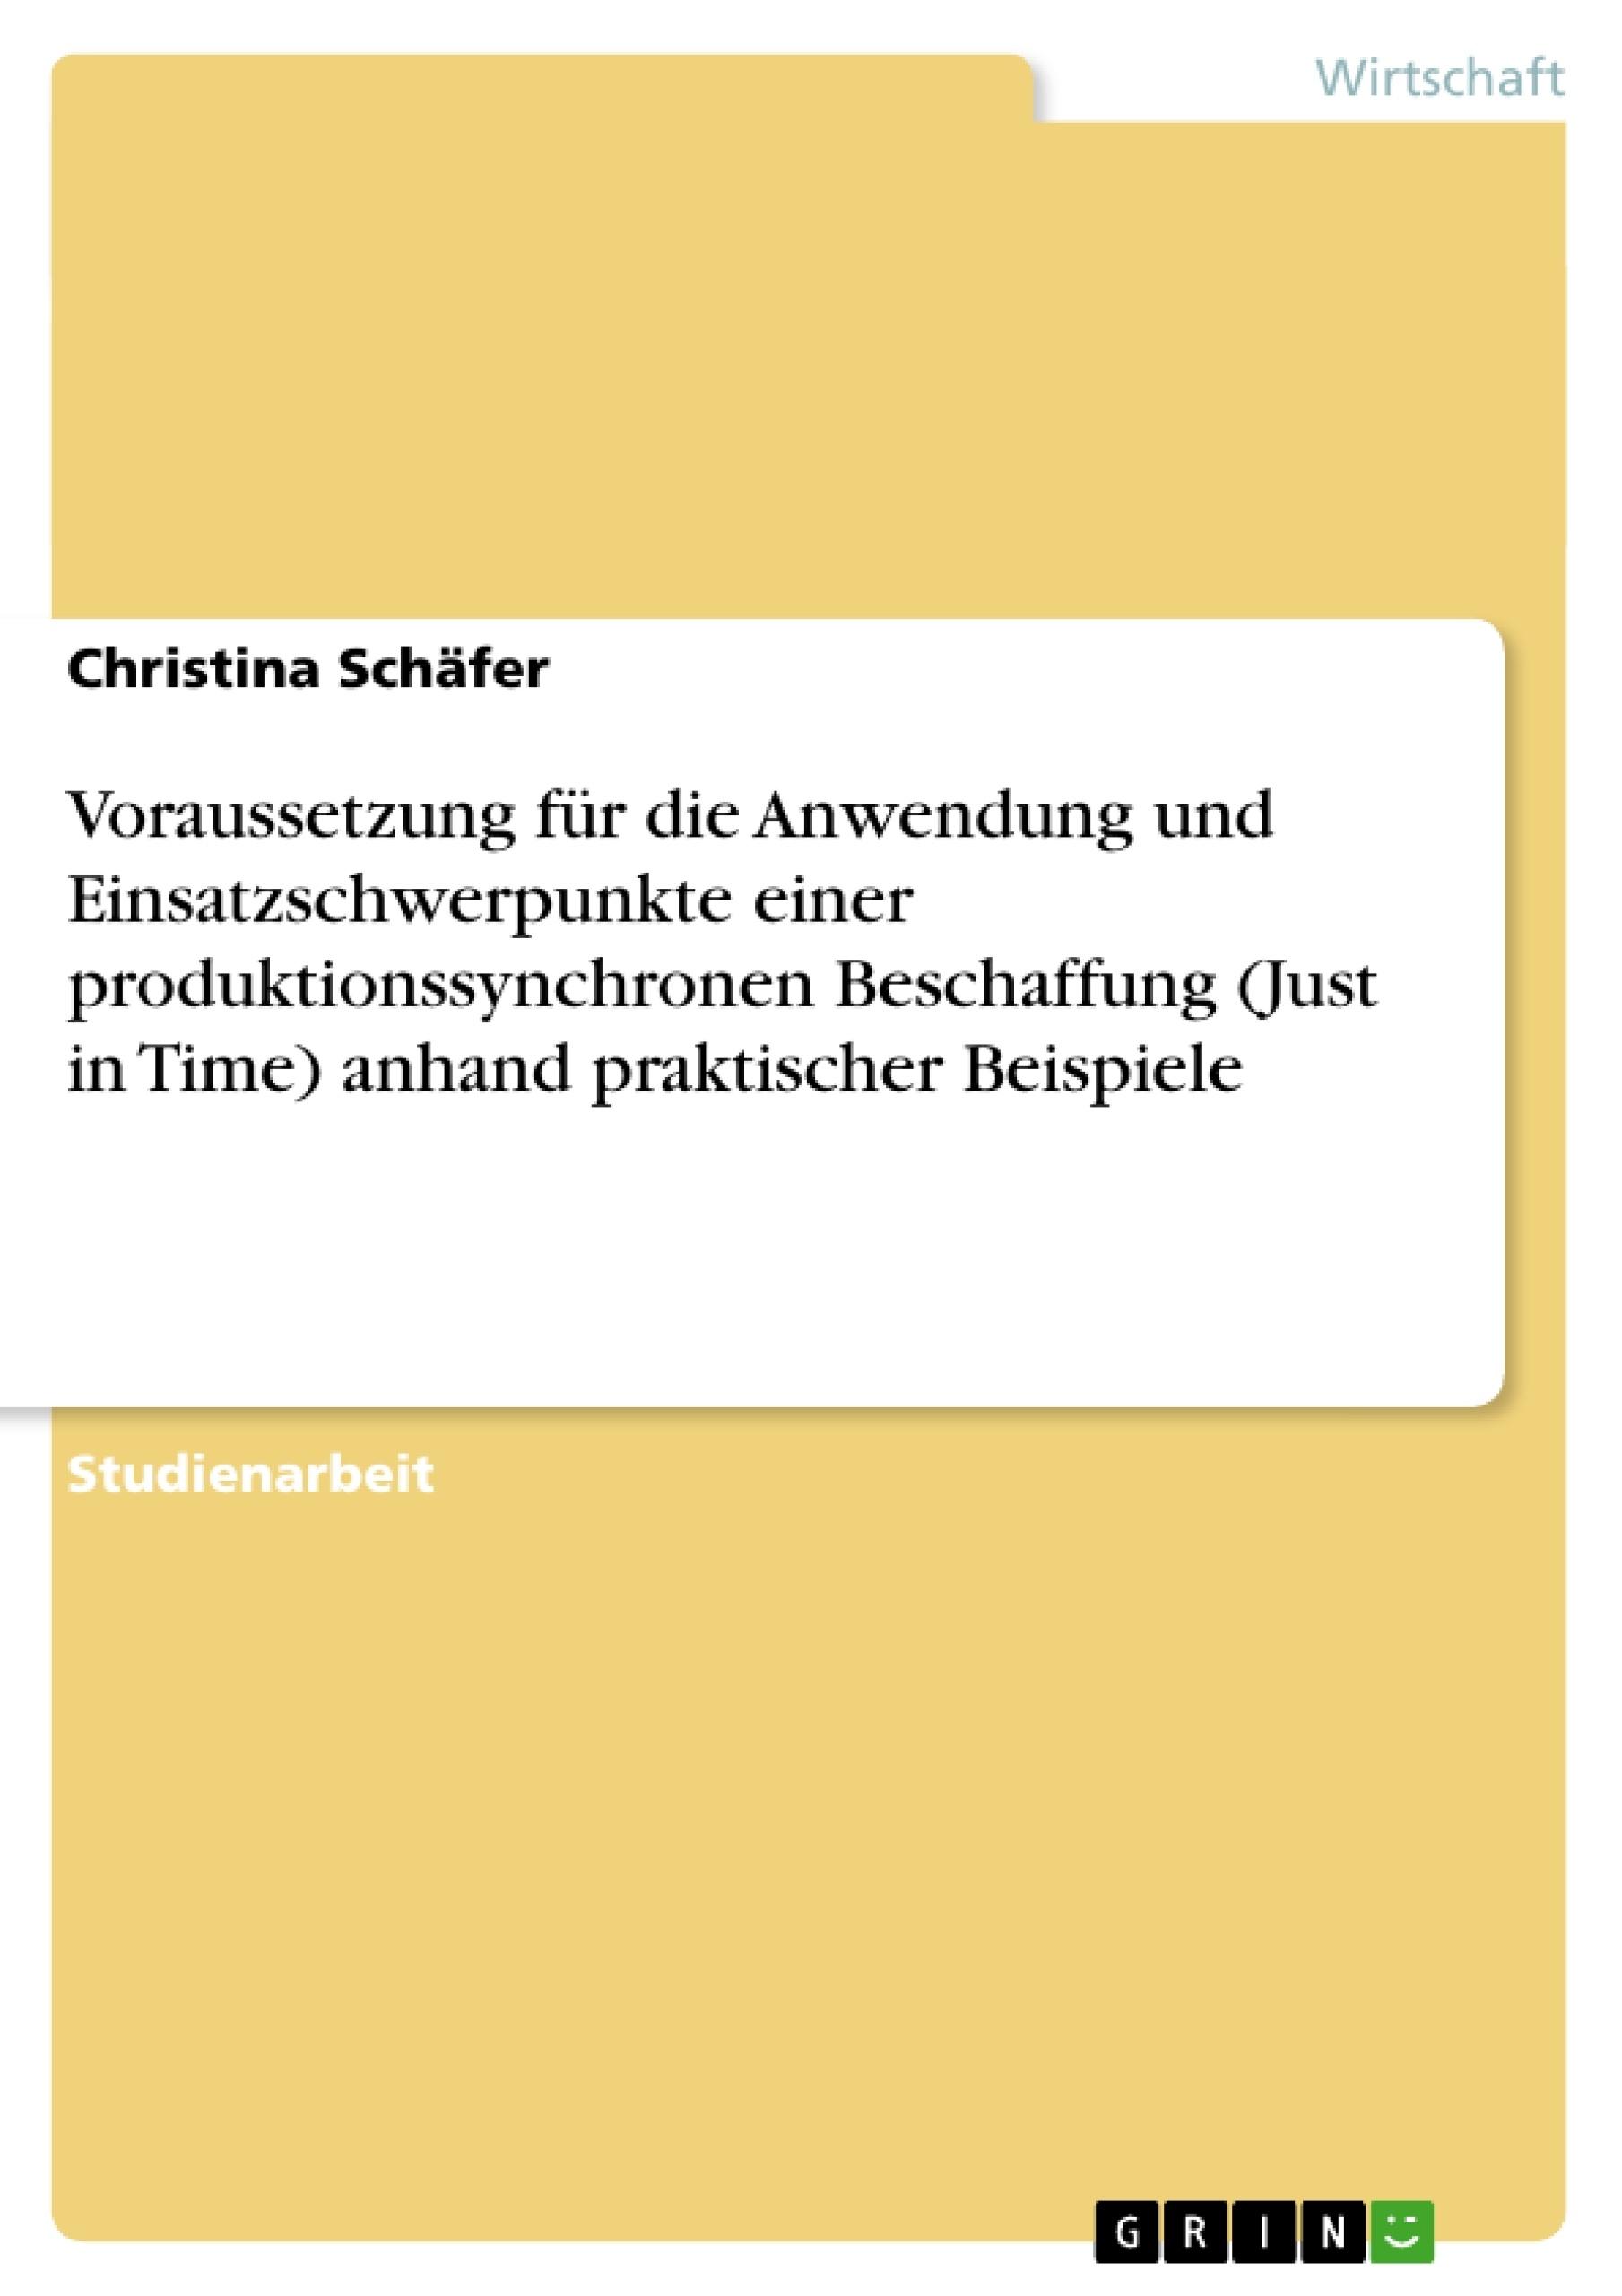 Titel: Voraussetzung für die Anwendung und Einsatzschwerpunkte einer produktionssynchronen Beschaffung (Just in Time) anhand praktischer Beispiele